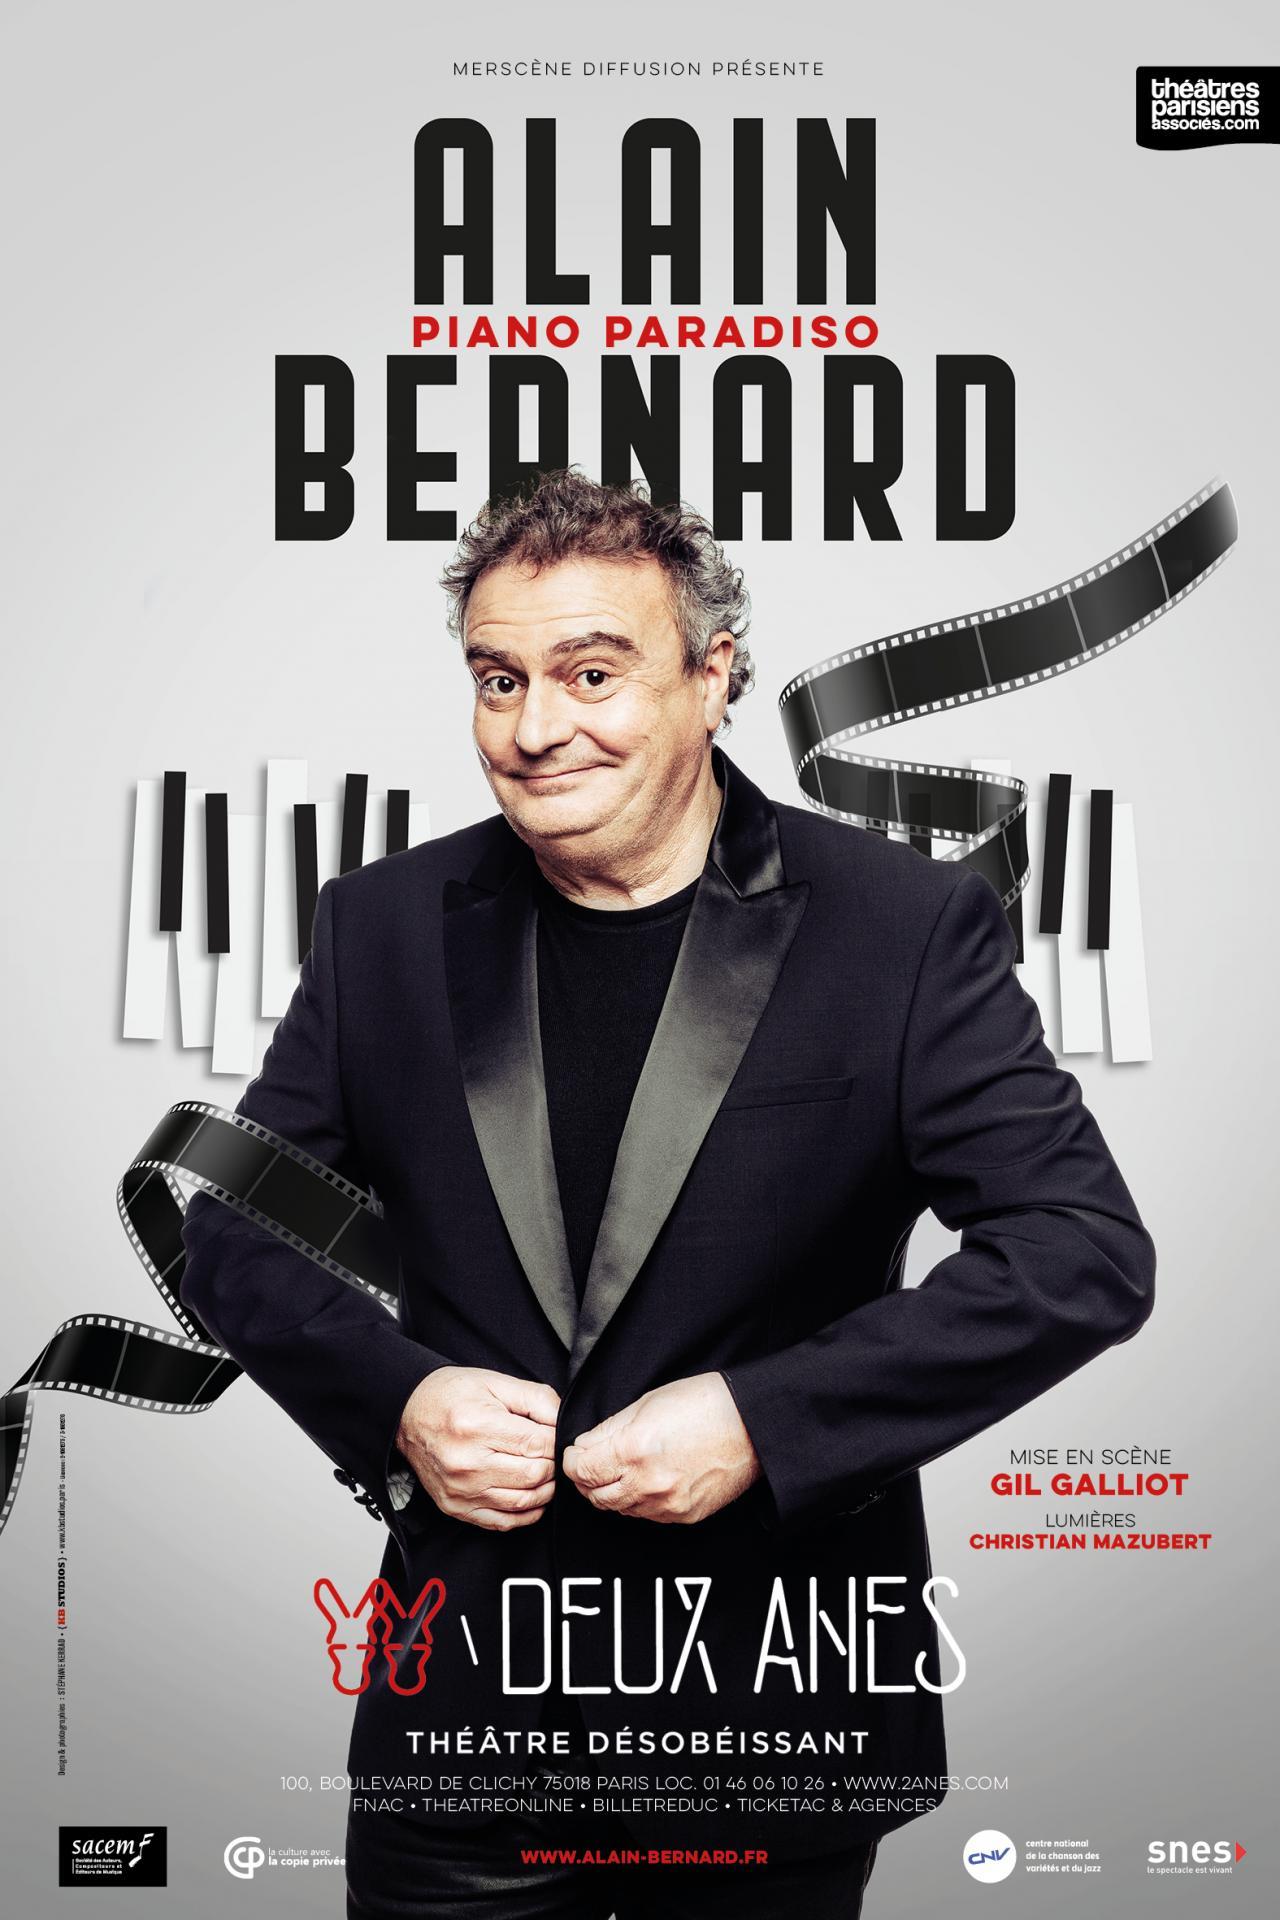 Rencontre avec Alain Bernard au Théâtre des Deux Anes